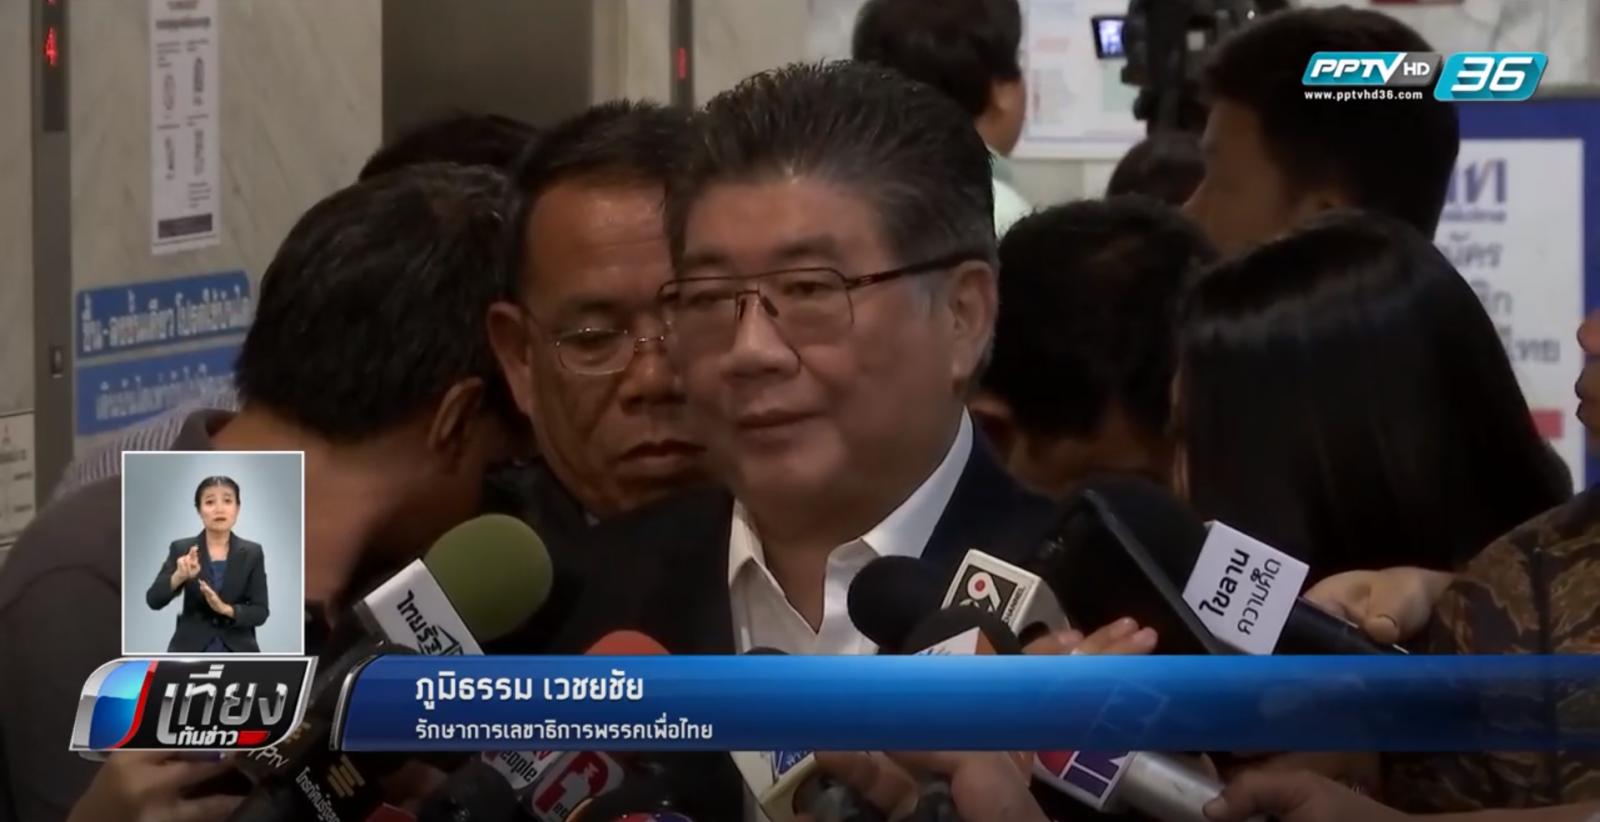 """""""ภูมิธรรม"""" ย้ำ หน.พรรคเพื่อไทย ไม่จำเป็นต้อง """"ชินวัตร"""""""